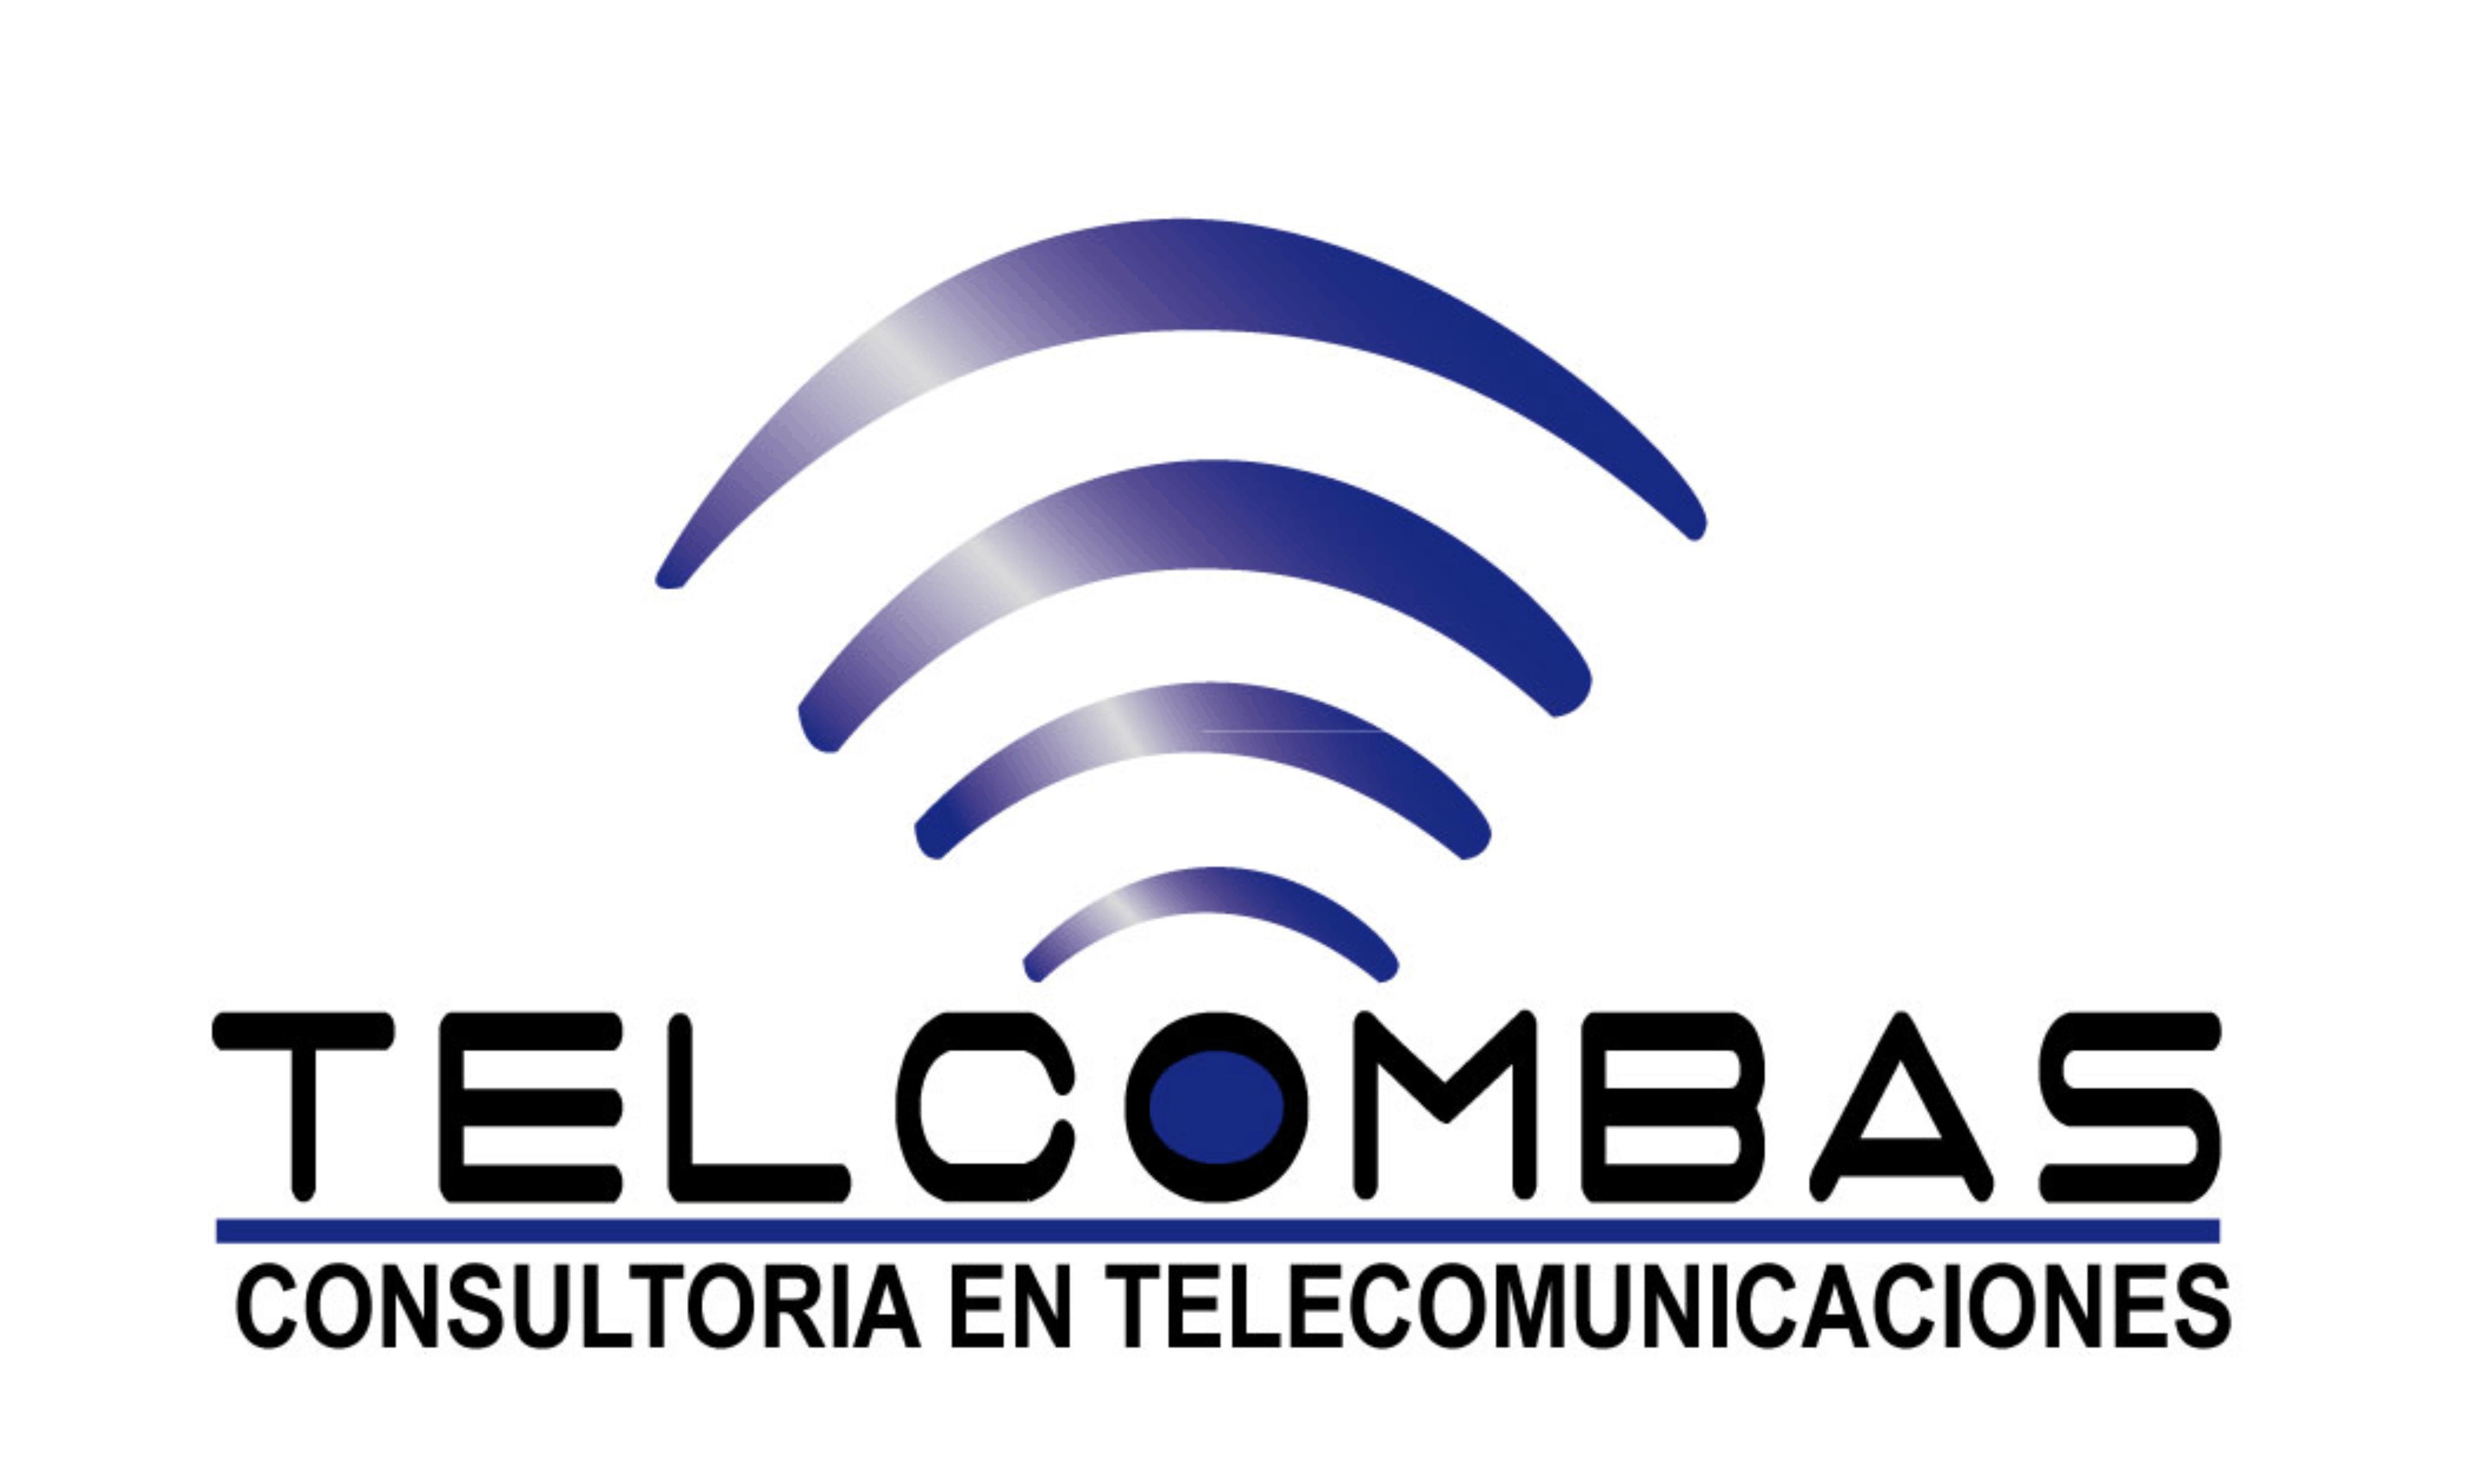 Telcombas